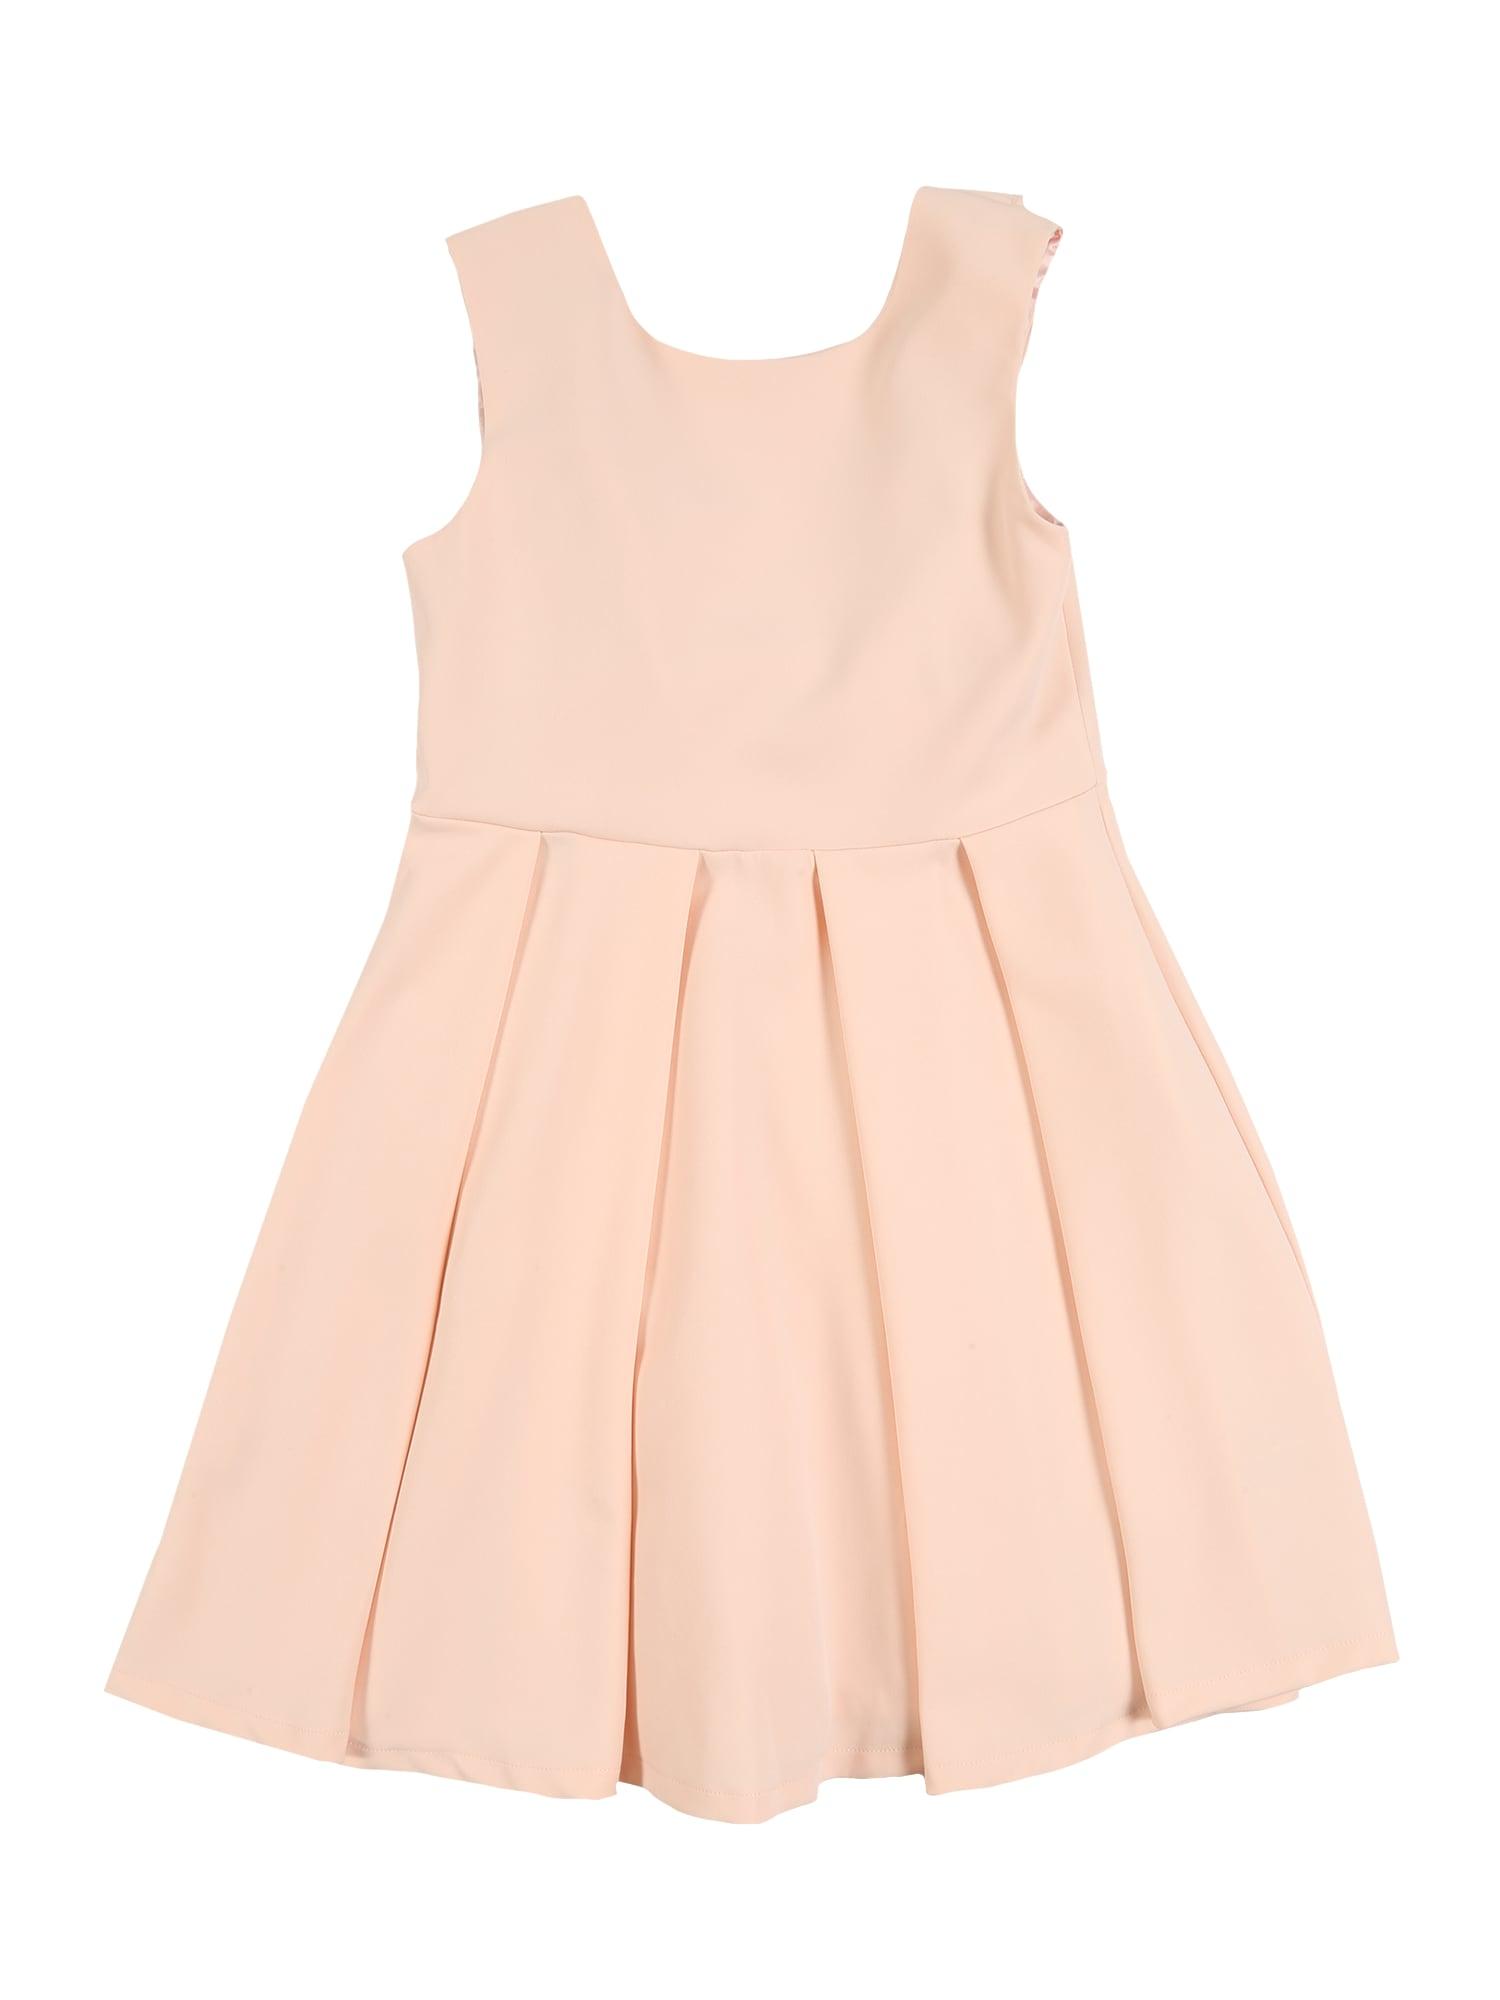 Bardot Suknelė 'ARIA' persikų spalva